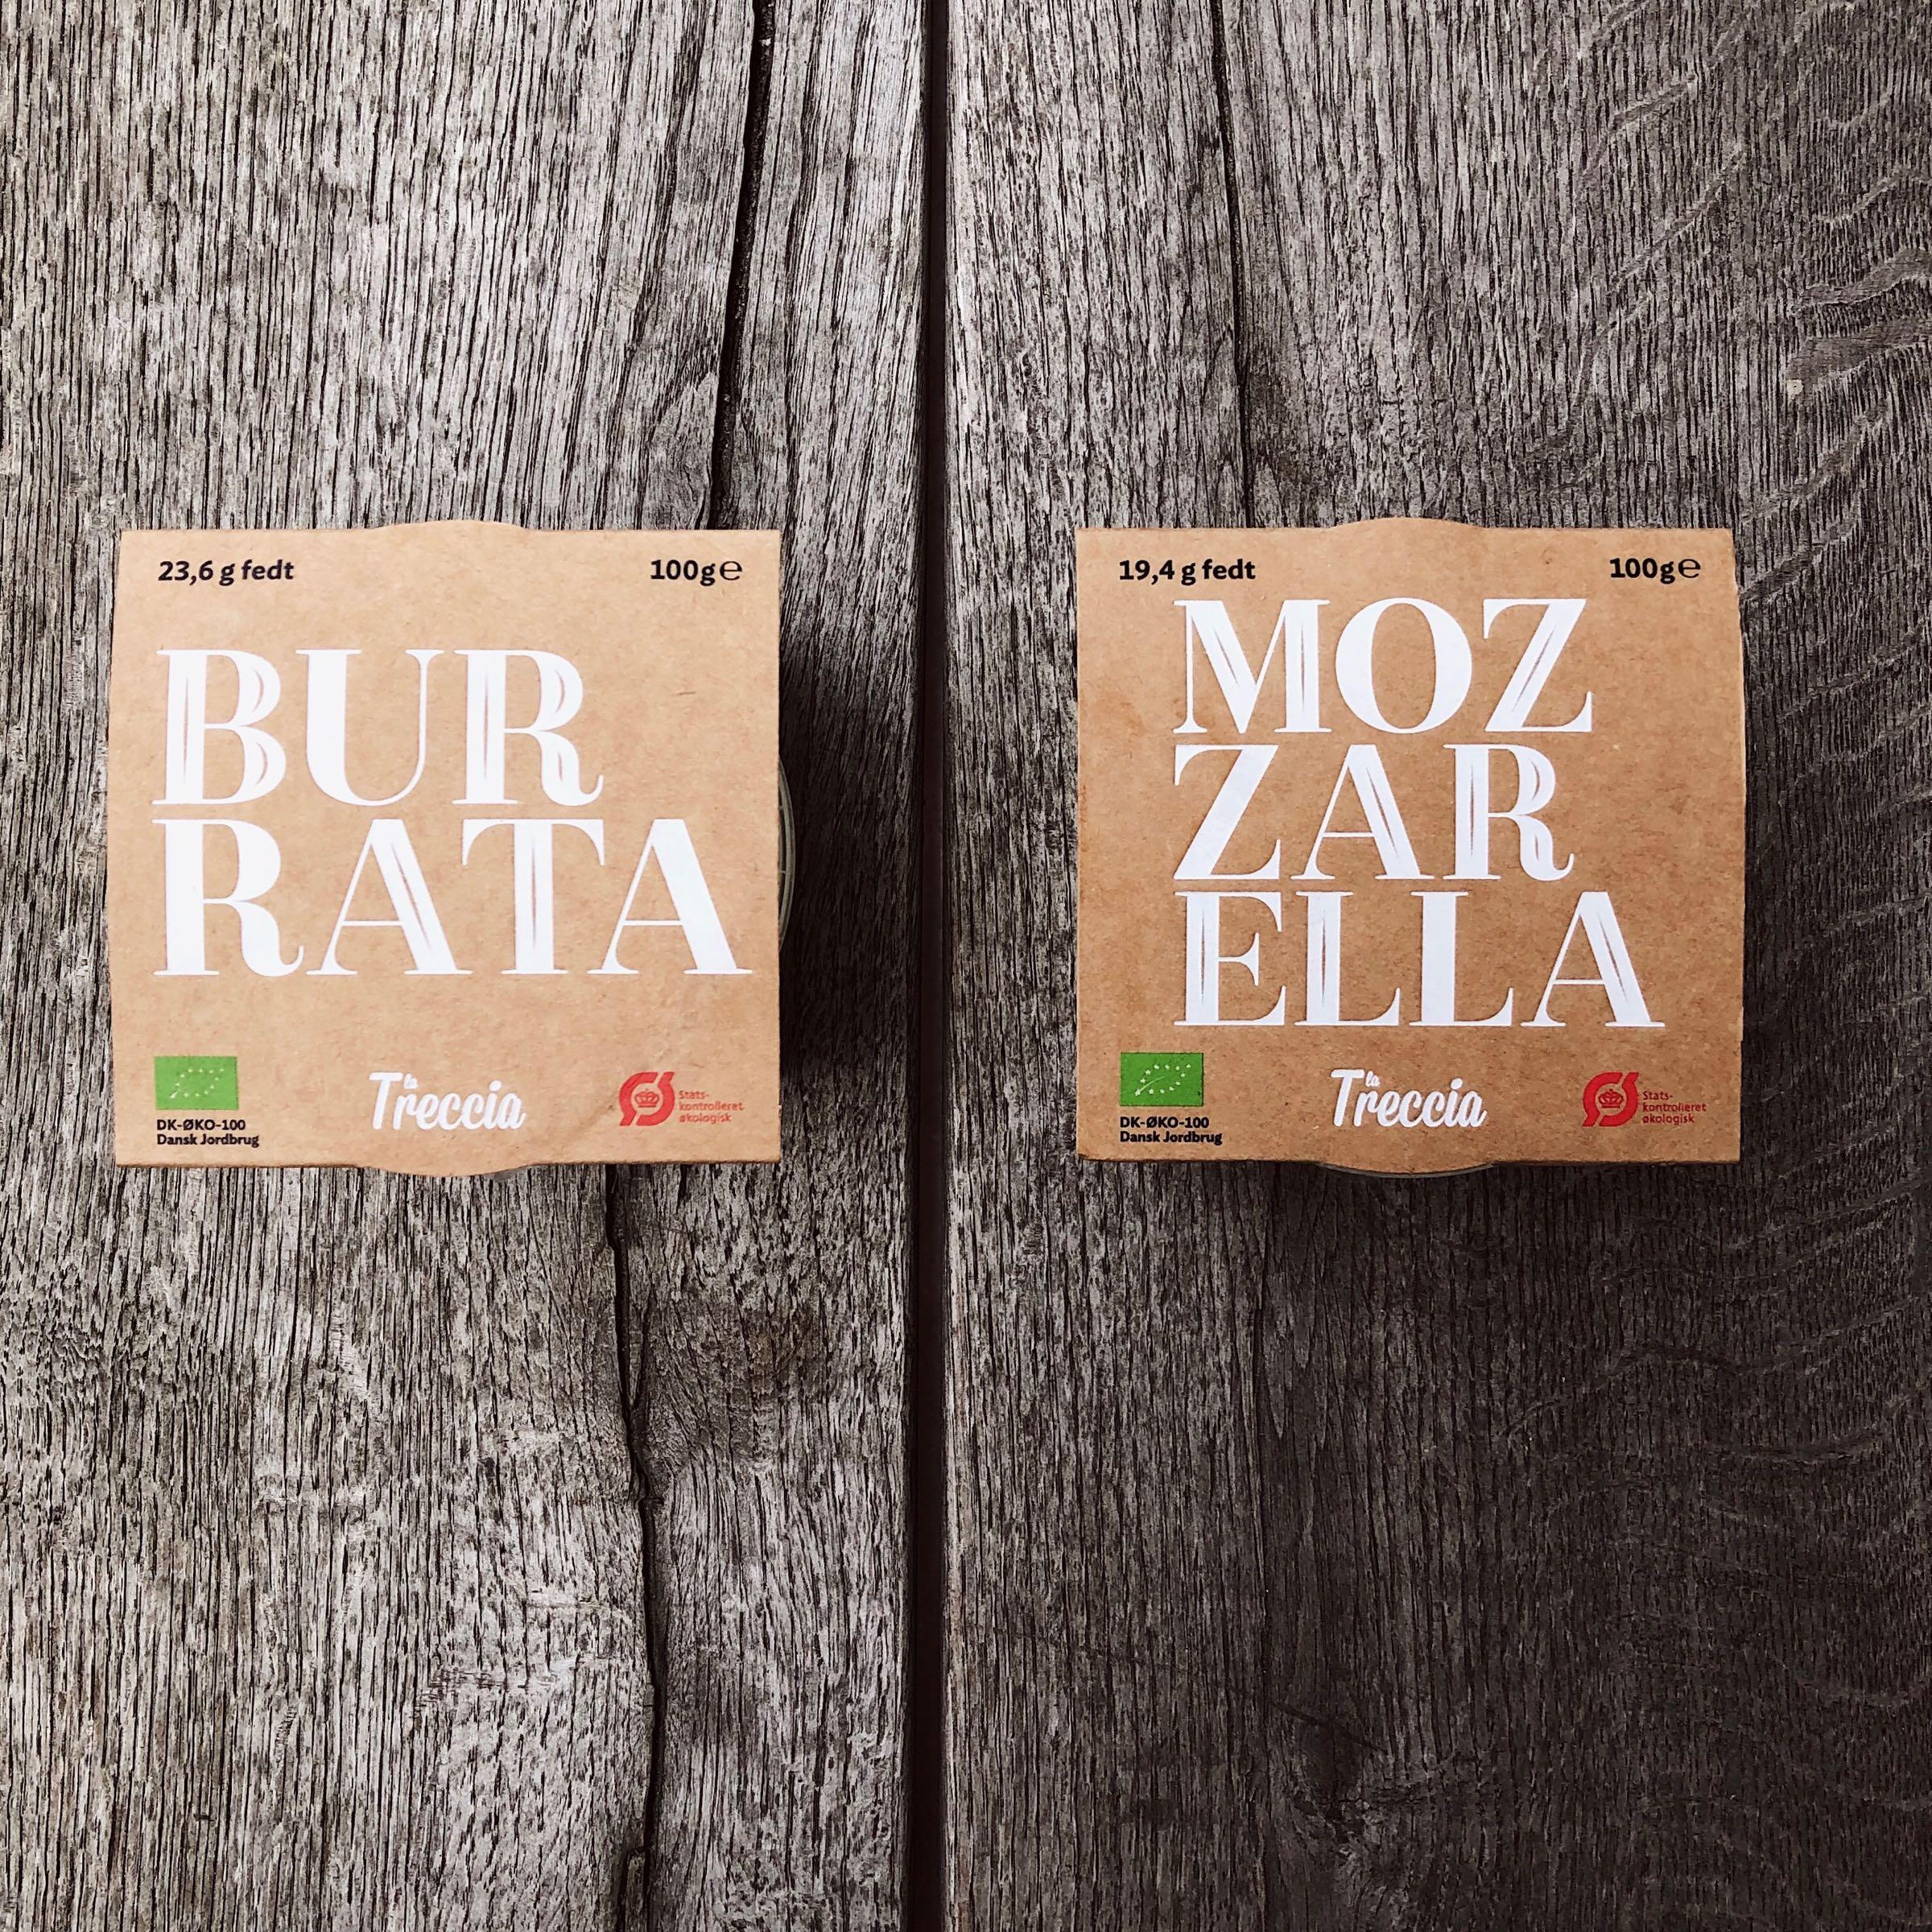 Burrata & Mozzarella från La Treccia